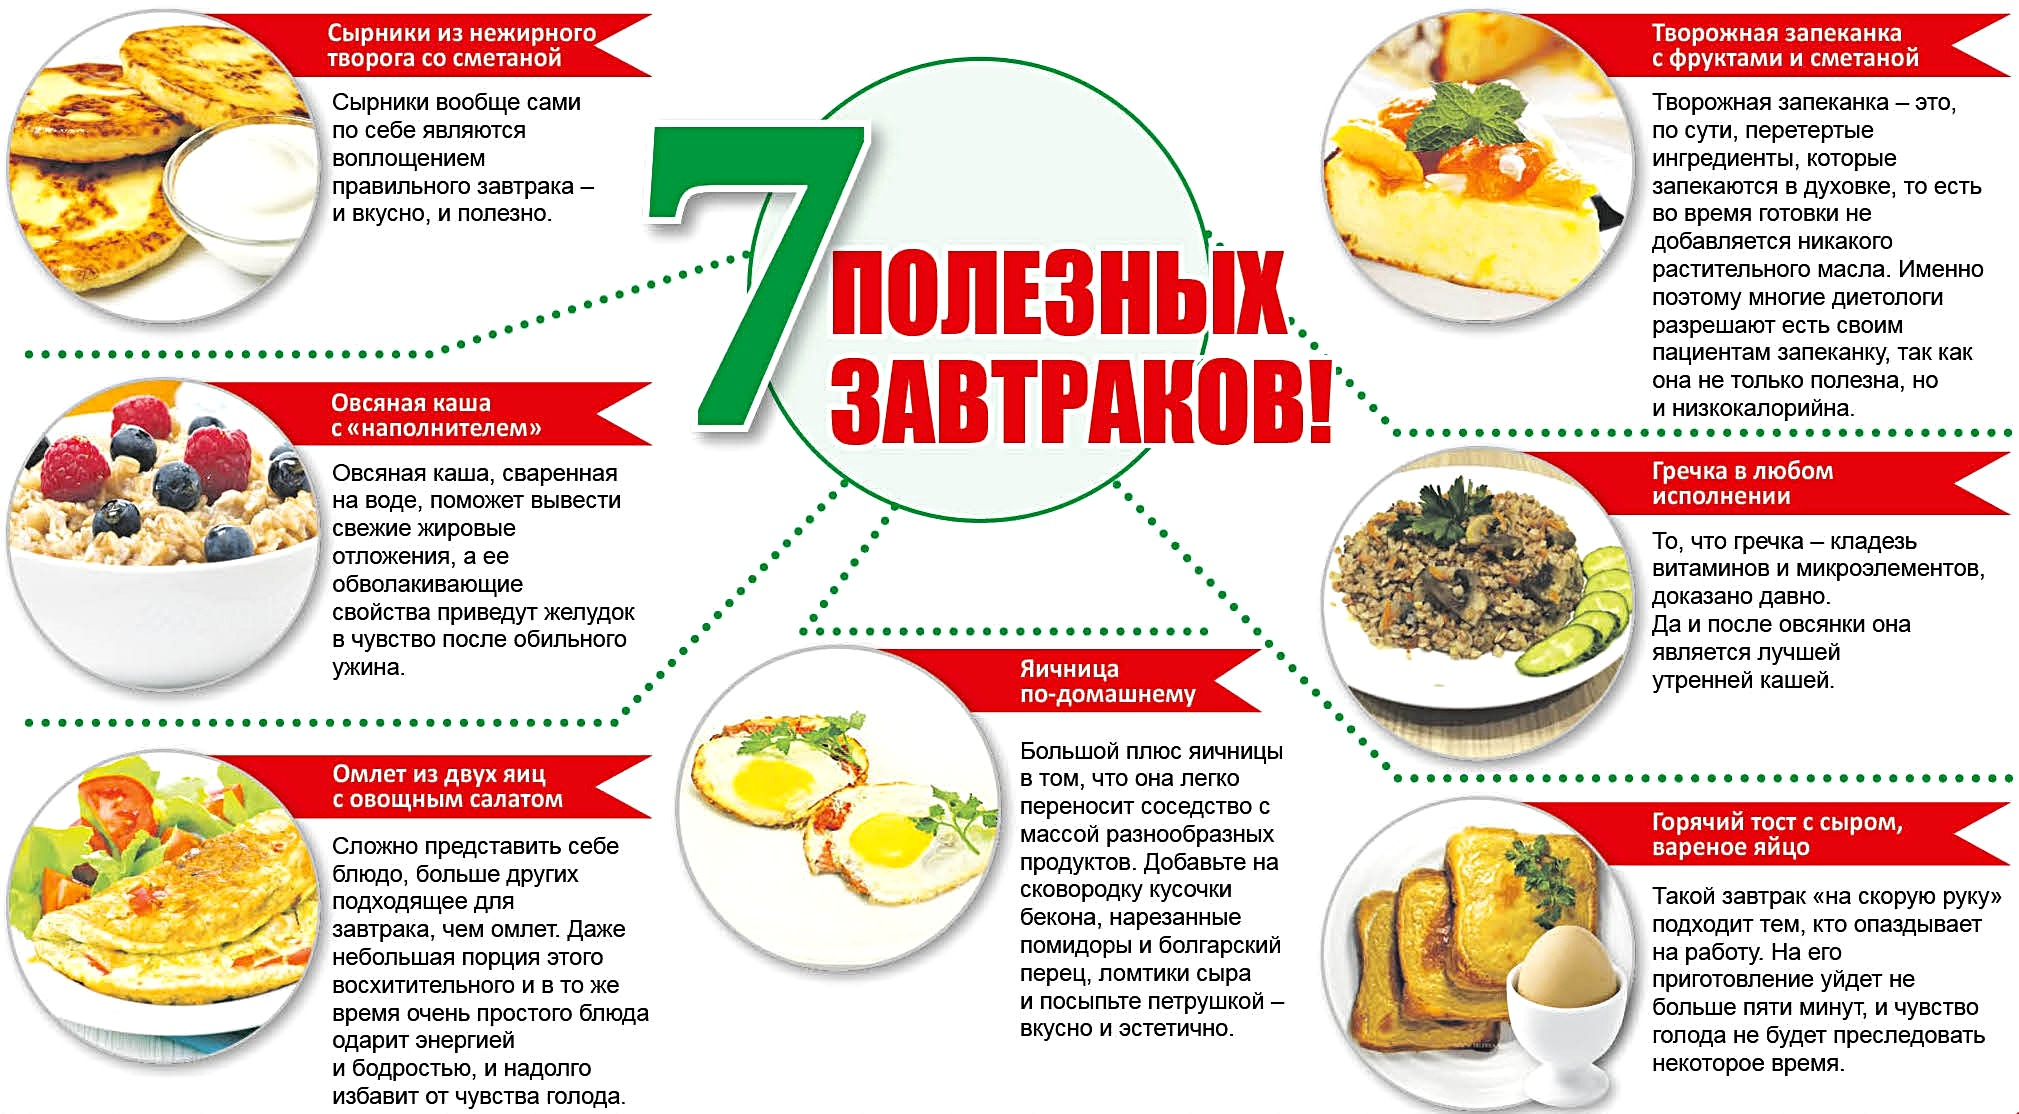 Какой завтрак лучше при диете